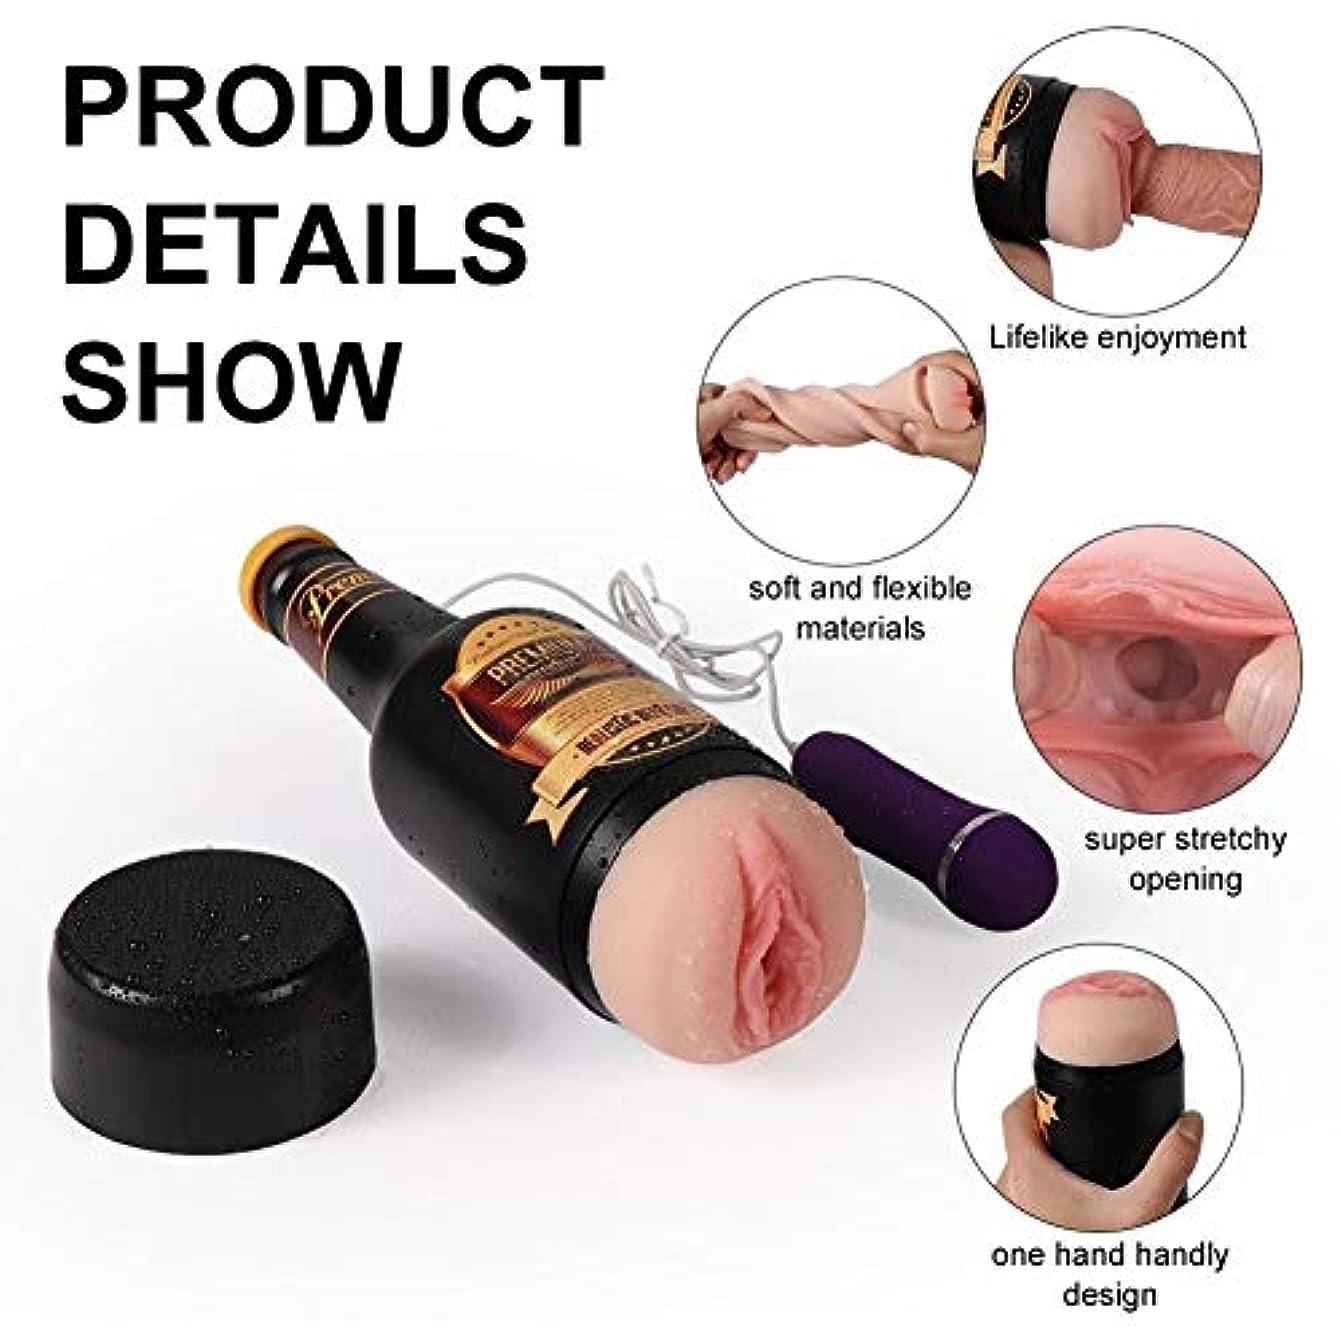 男性の電気ビール形状リラクゼーション減圧カップ真人体筋肉カップクリエイティブ誕生日ギフト詐欺ギフト